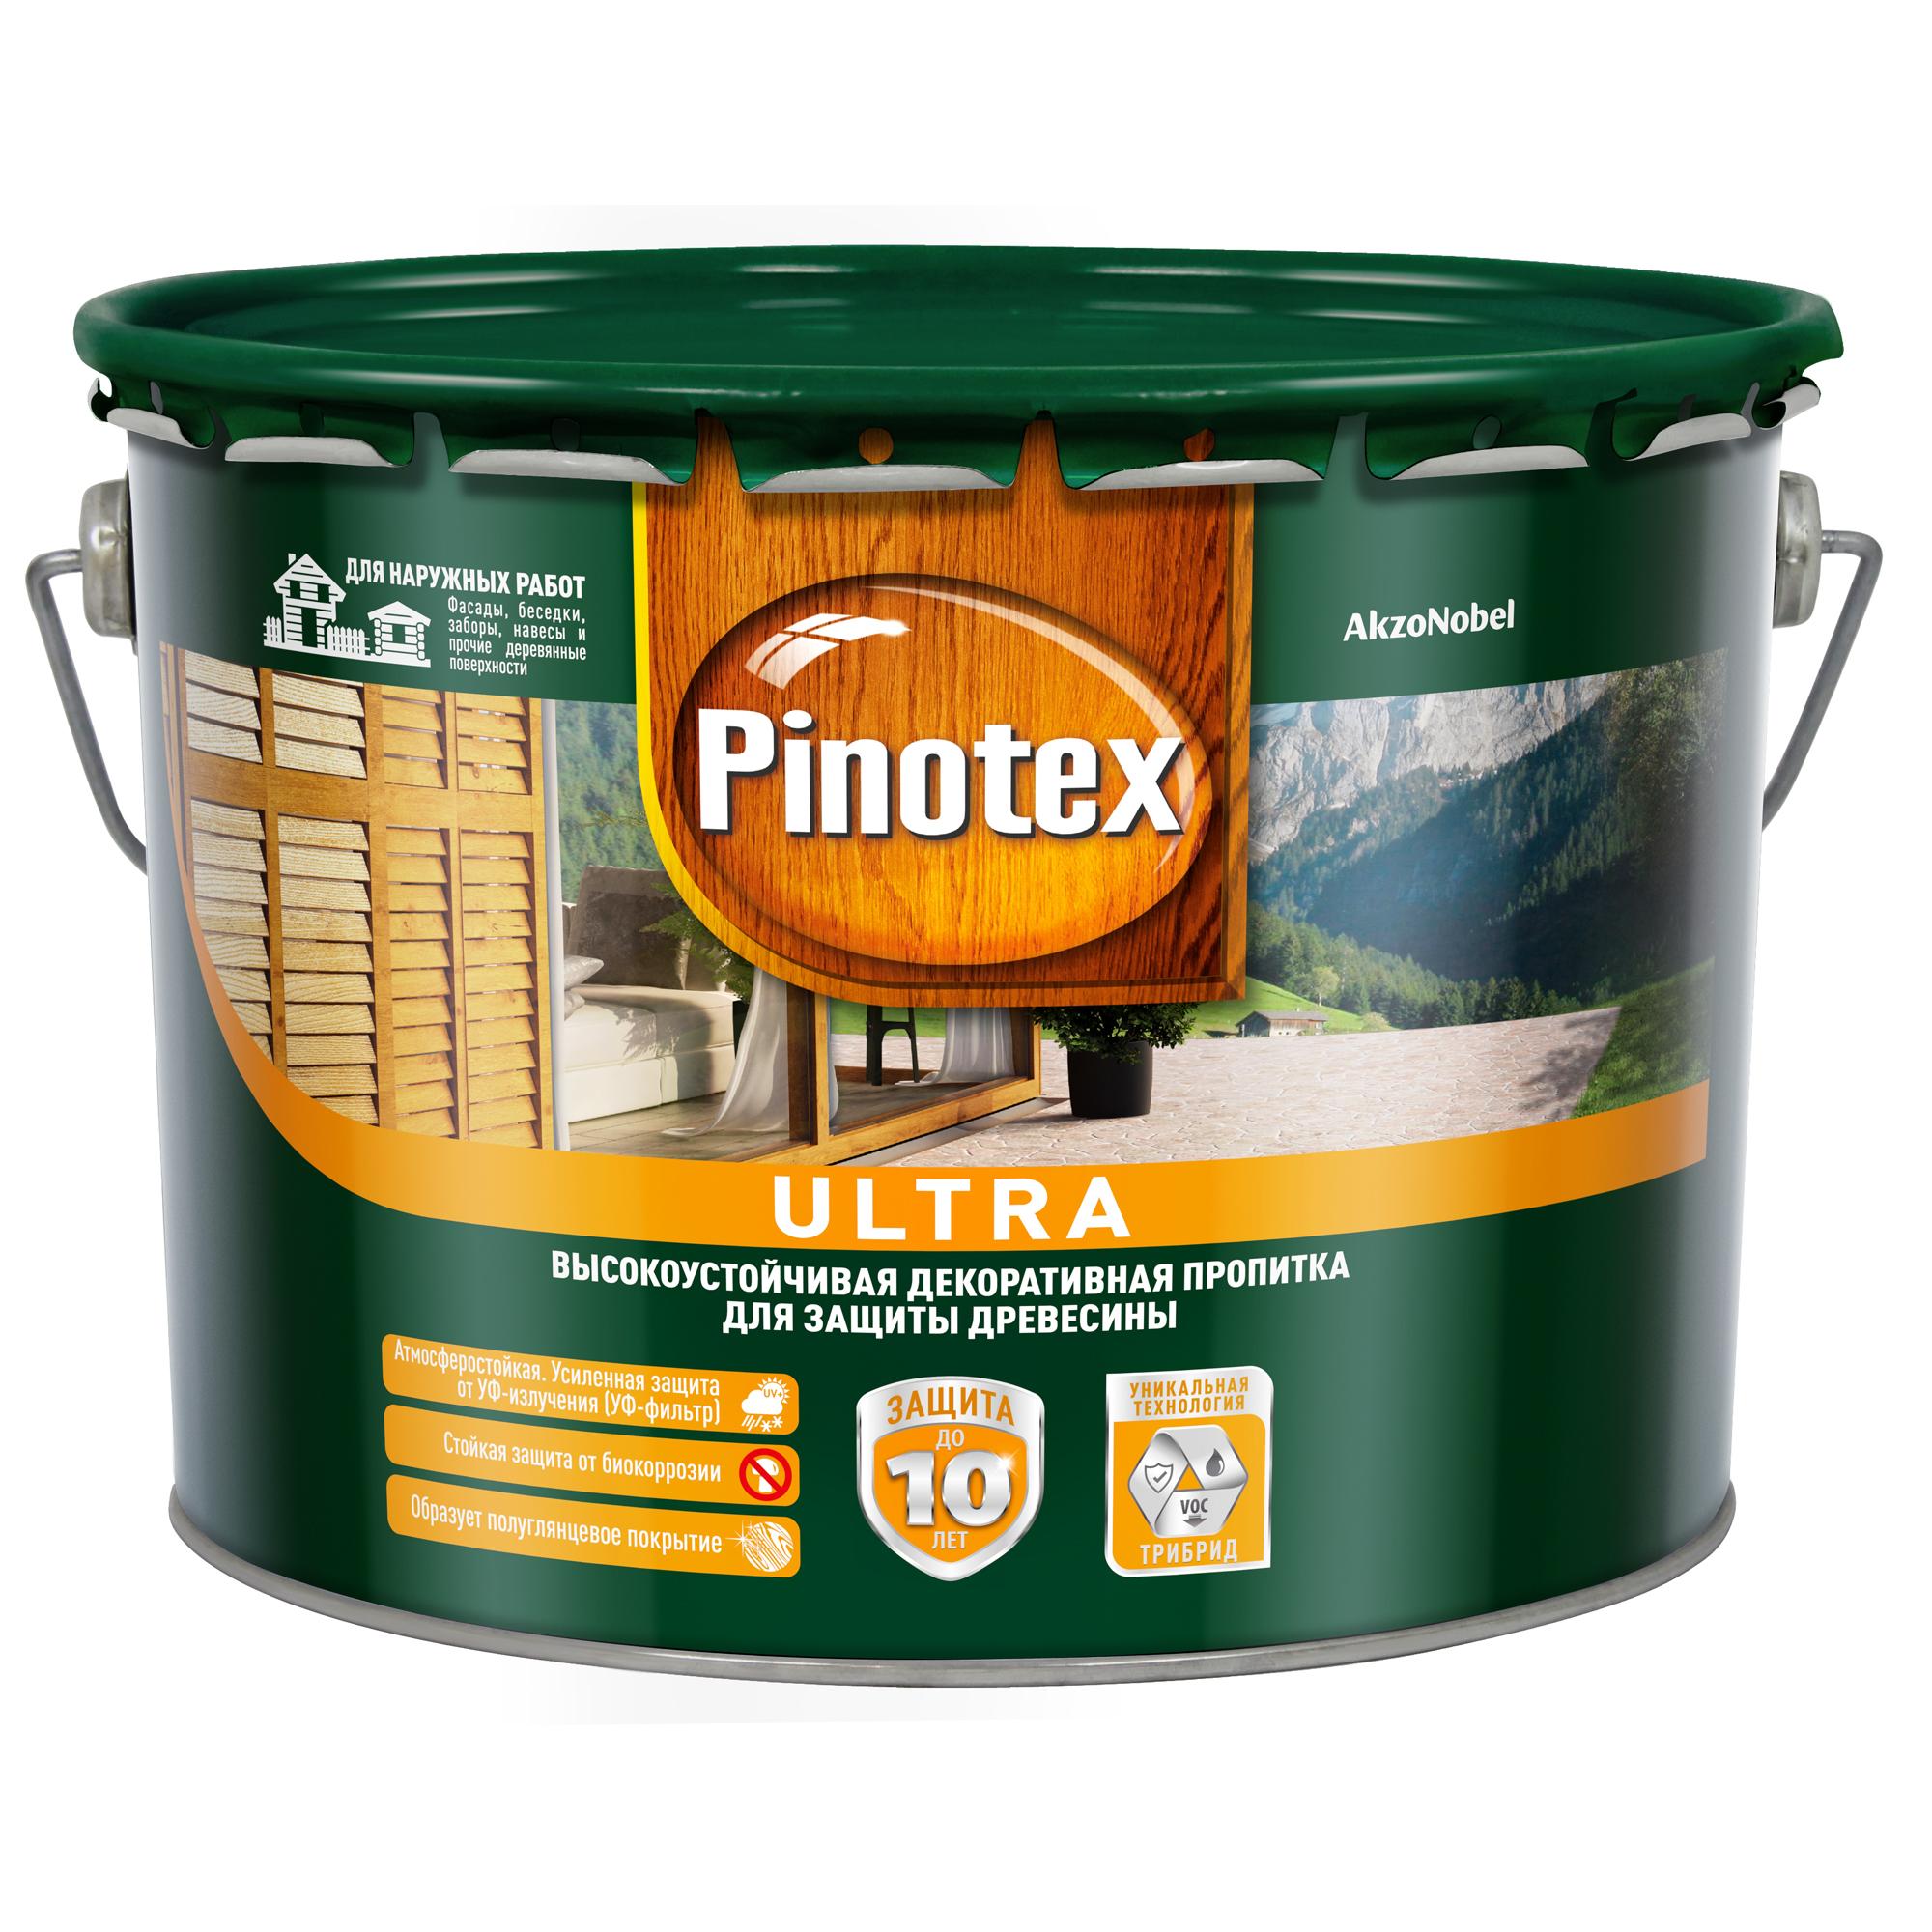 Пропитка Pinotex ультра 9л07 красное дерево пропитка pinotex ультра 9л07 красное дерево